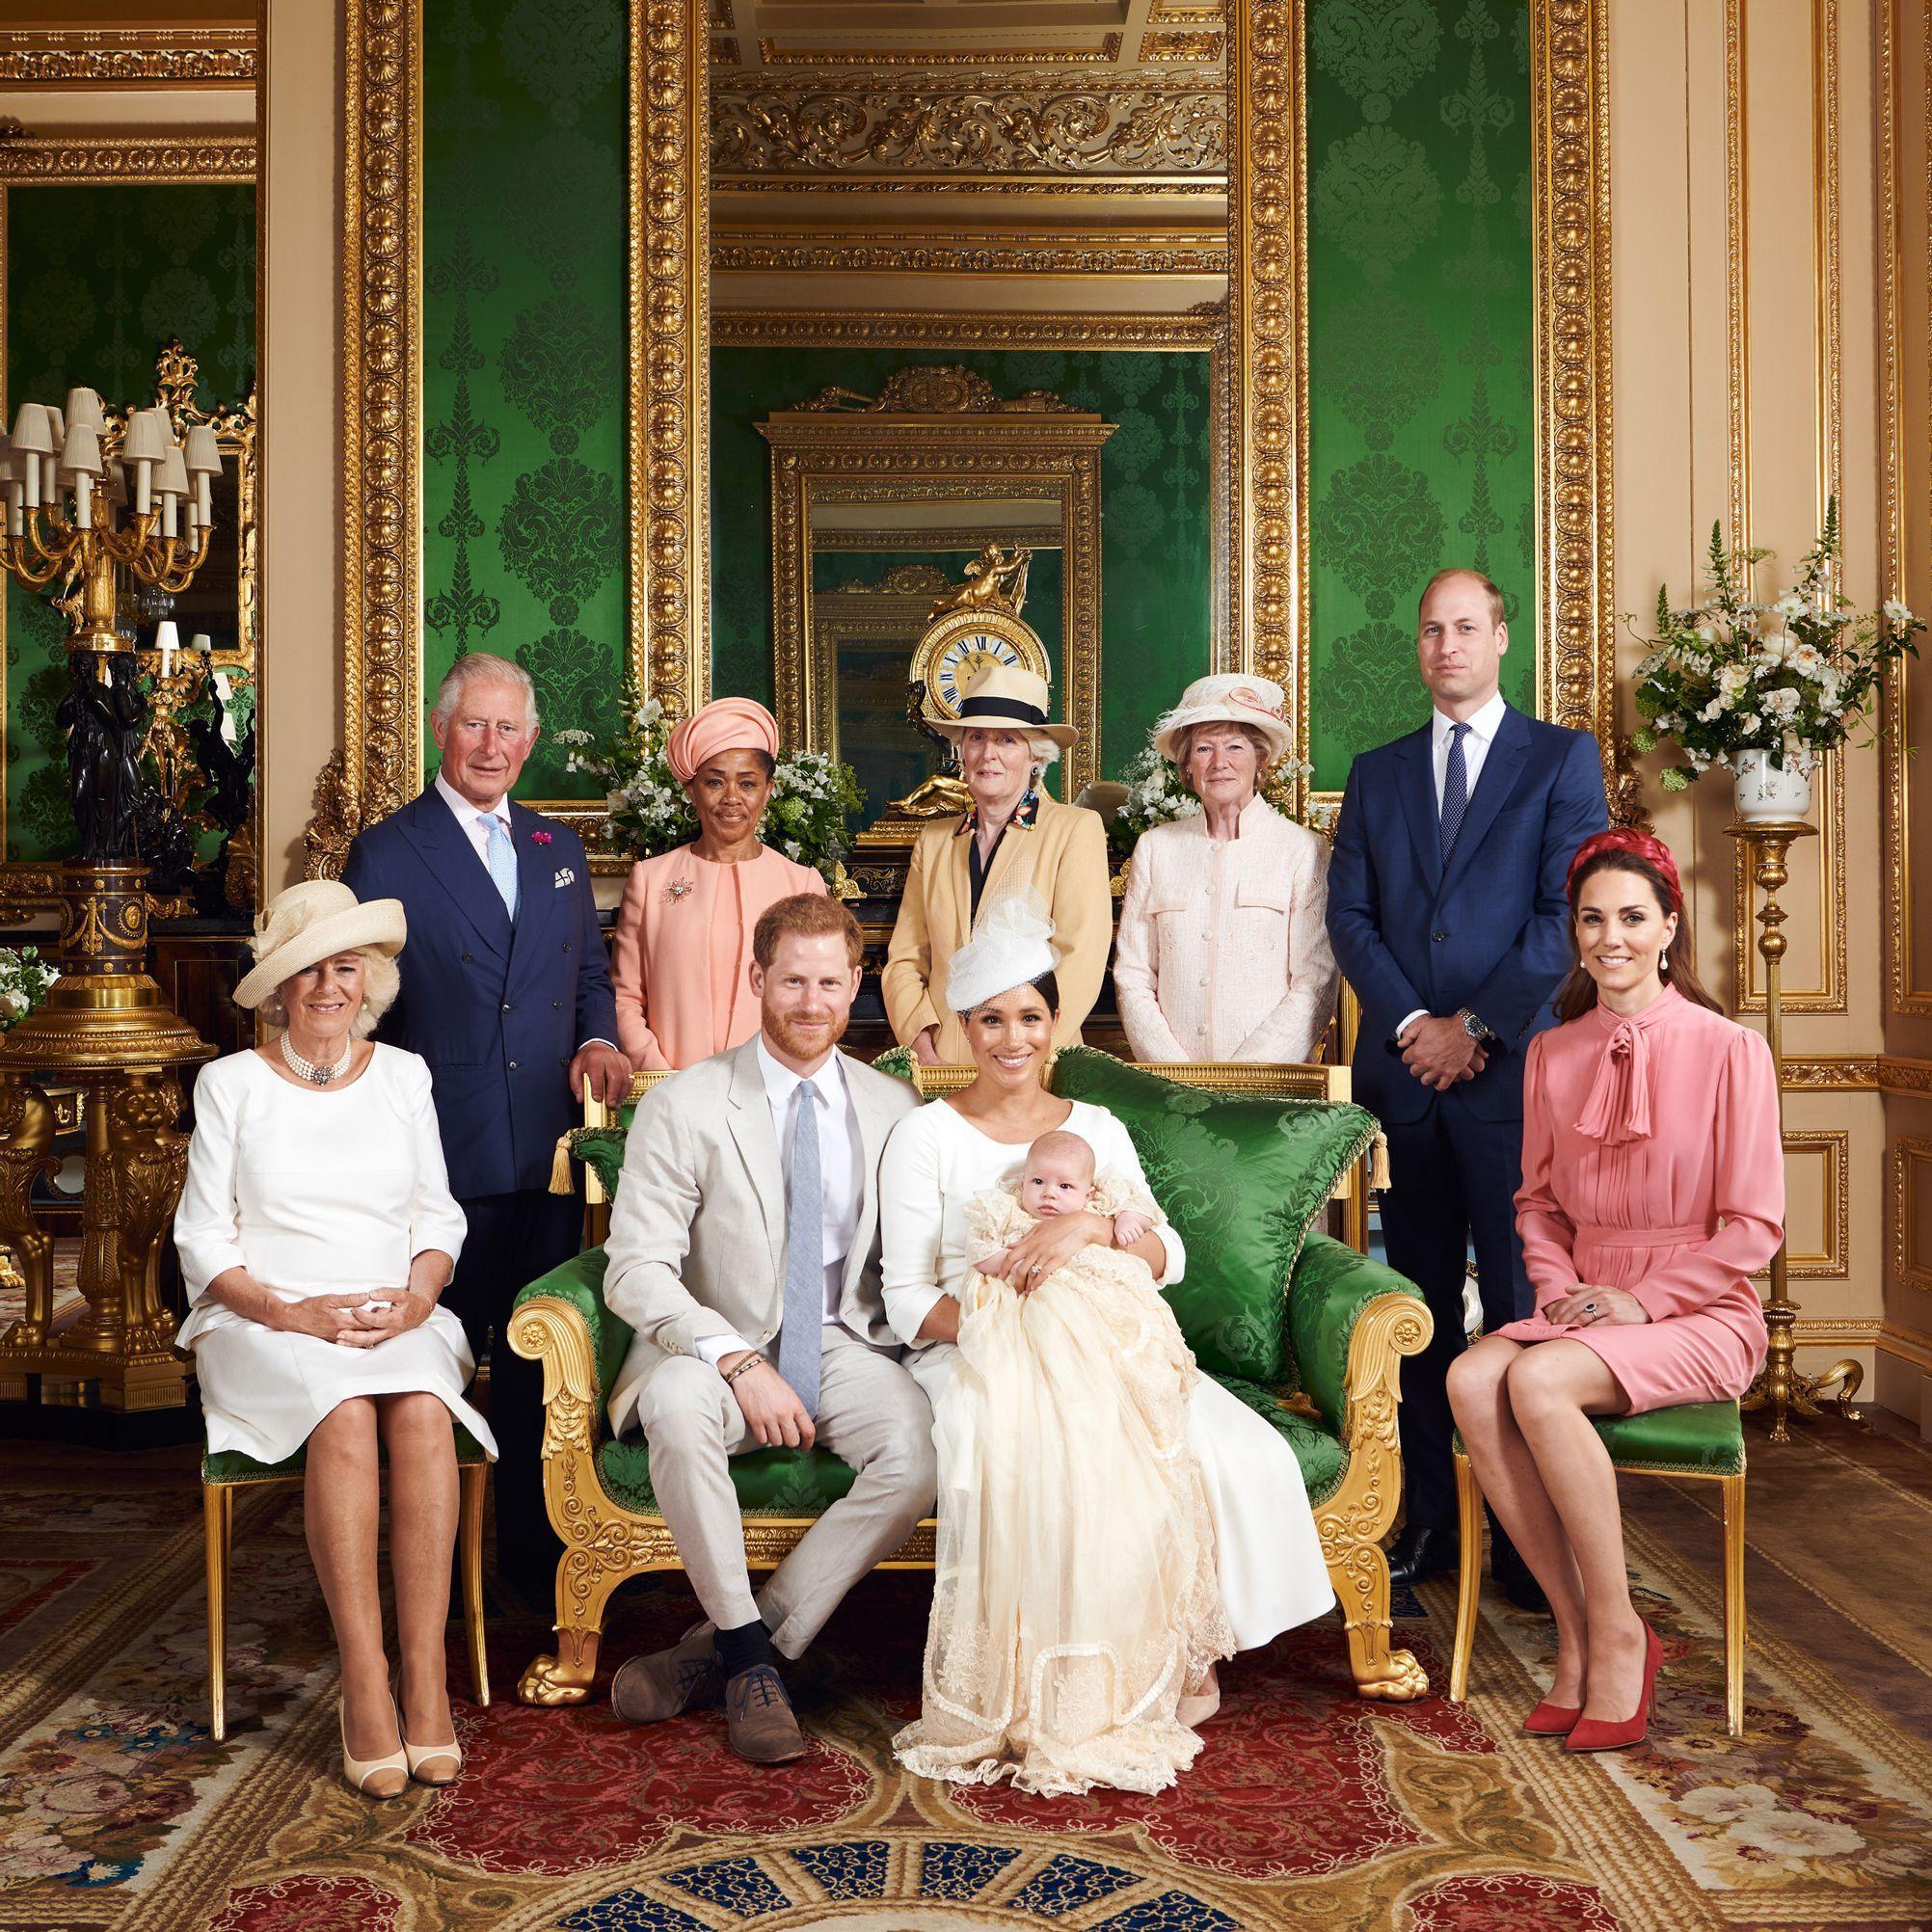 Teába áztatott ruhát viselnek a brit trónörökösök a keresztelőn - ujdonsagok -